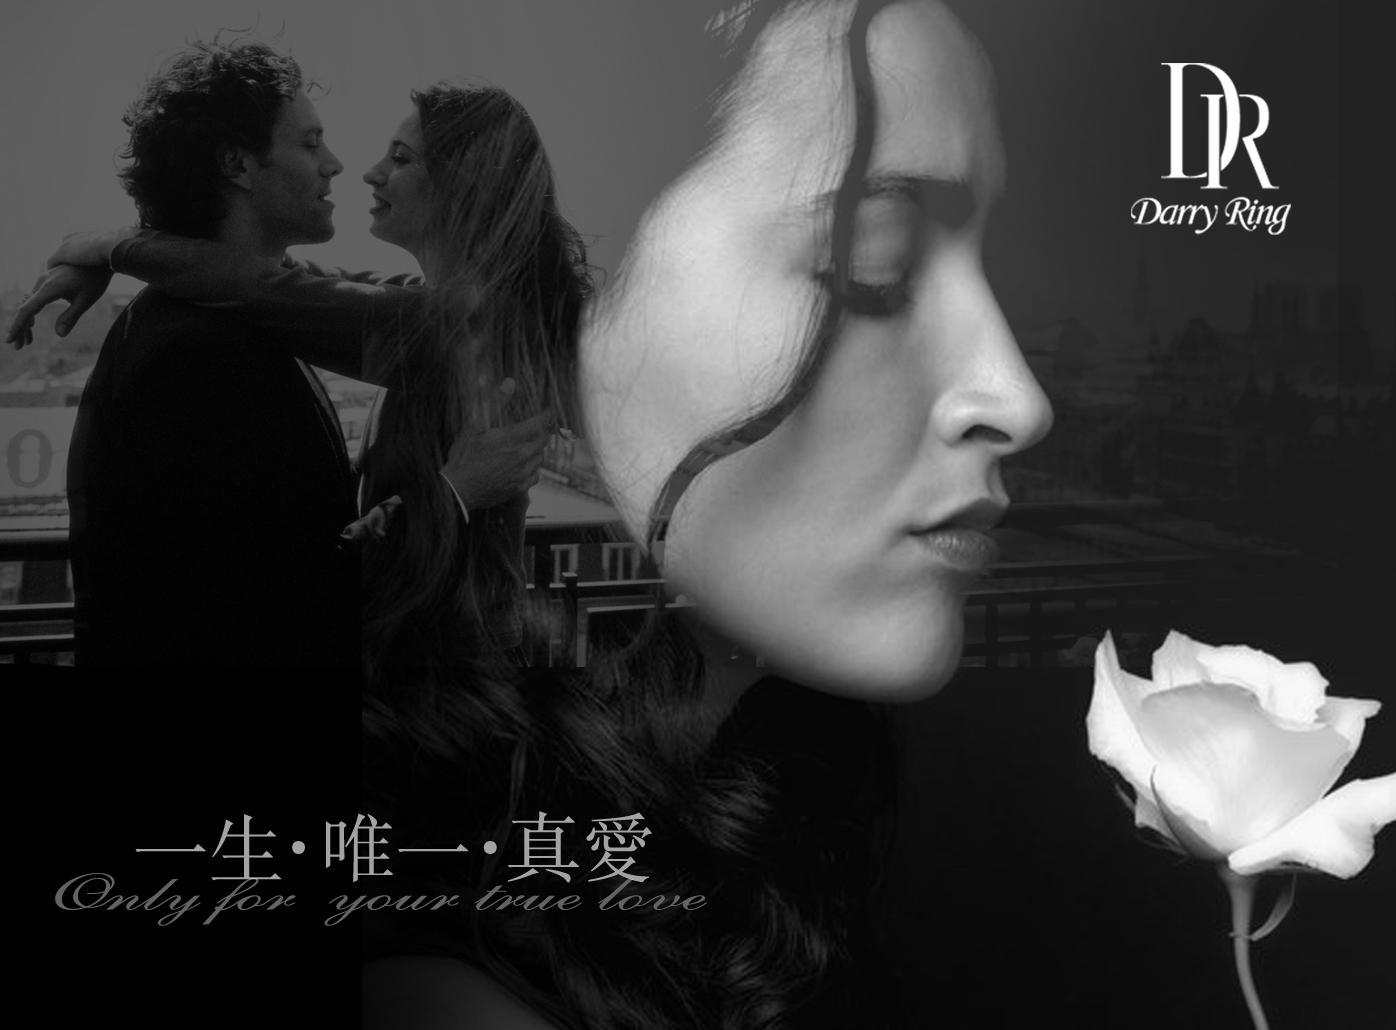 香港戴瑞珠宝集团有限公司,成立于上个世纪90年代,为每位恋人提供至臻完美的钻石戒指。有道智选分析目标群体主要以中高经济水平的商务人士为主,对于结婚有深刻的想法和追求浪漫的准新娘新郎。